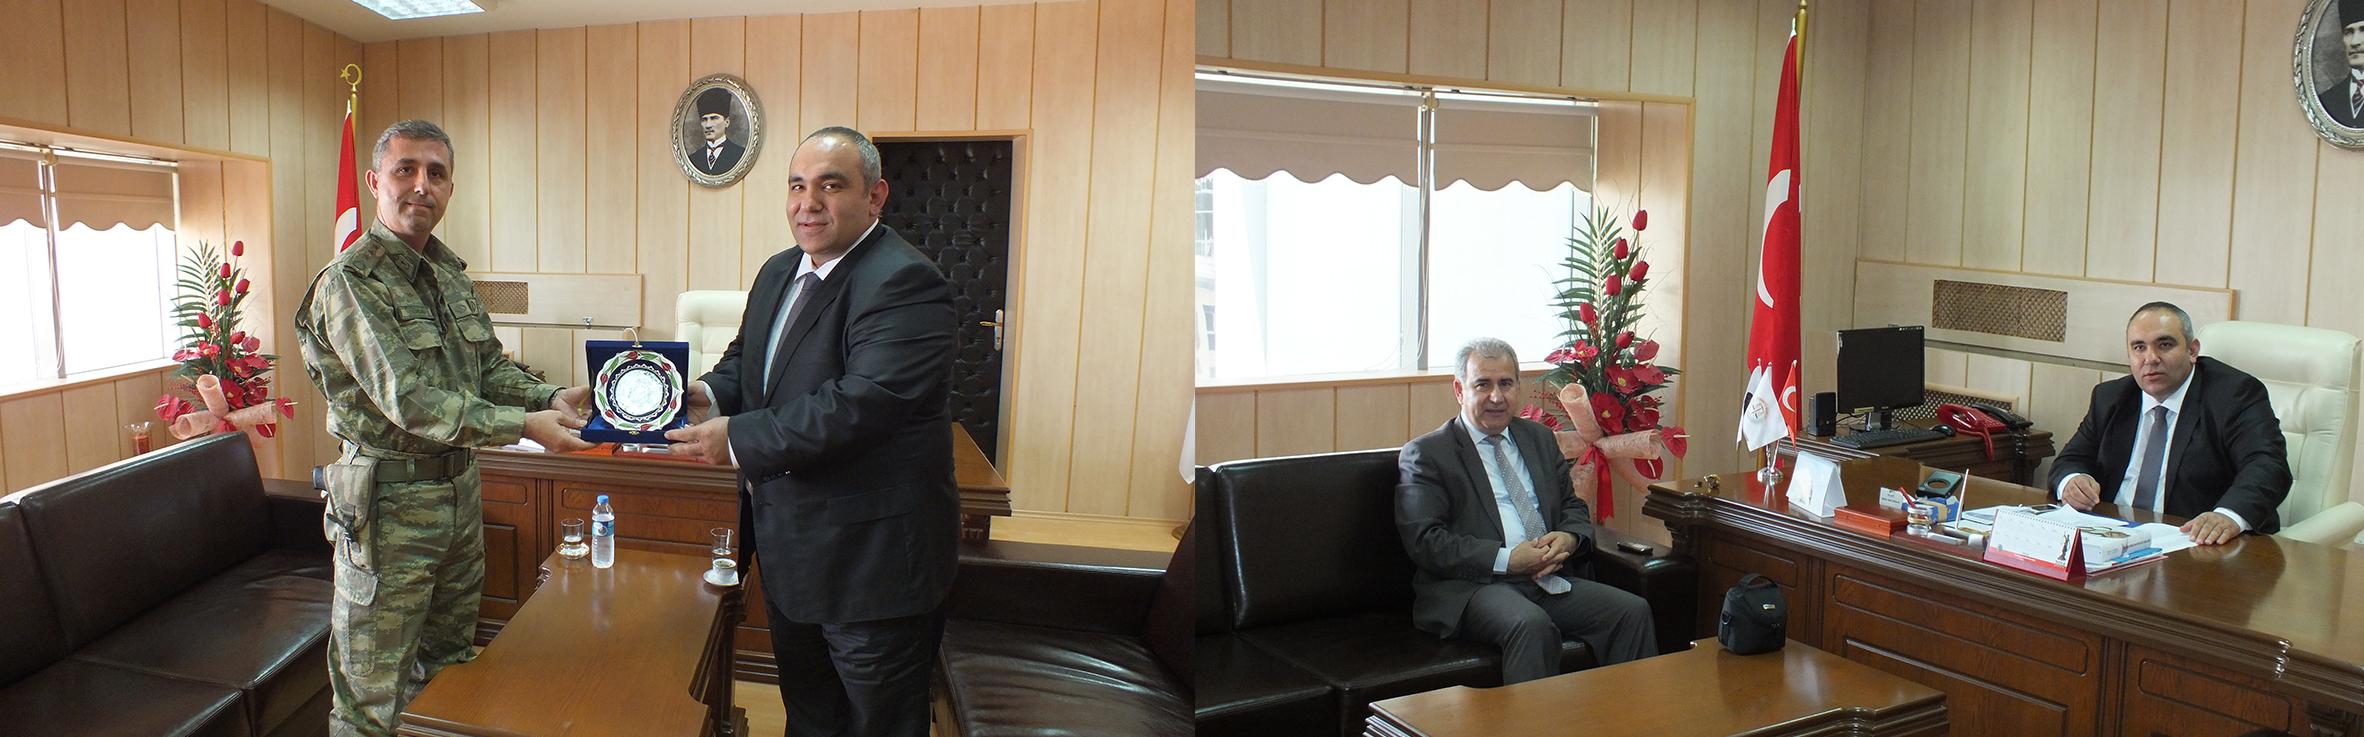 İl Jandarma ve Yeni Hayat Hastanesinden Baromuza Ziyaret